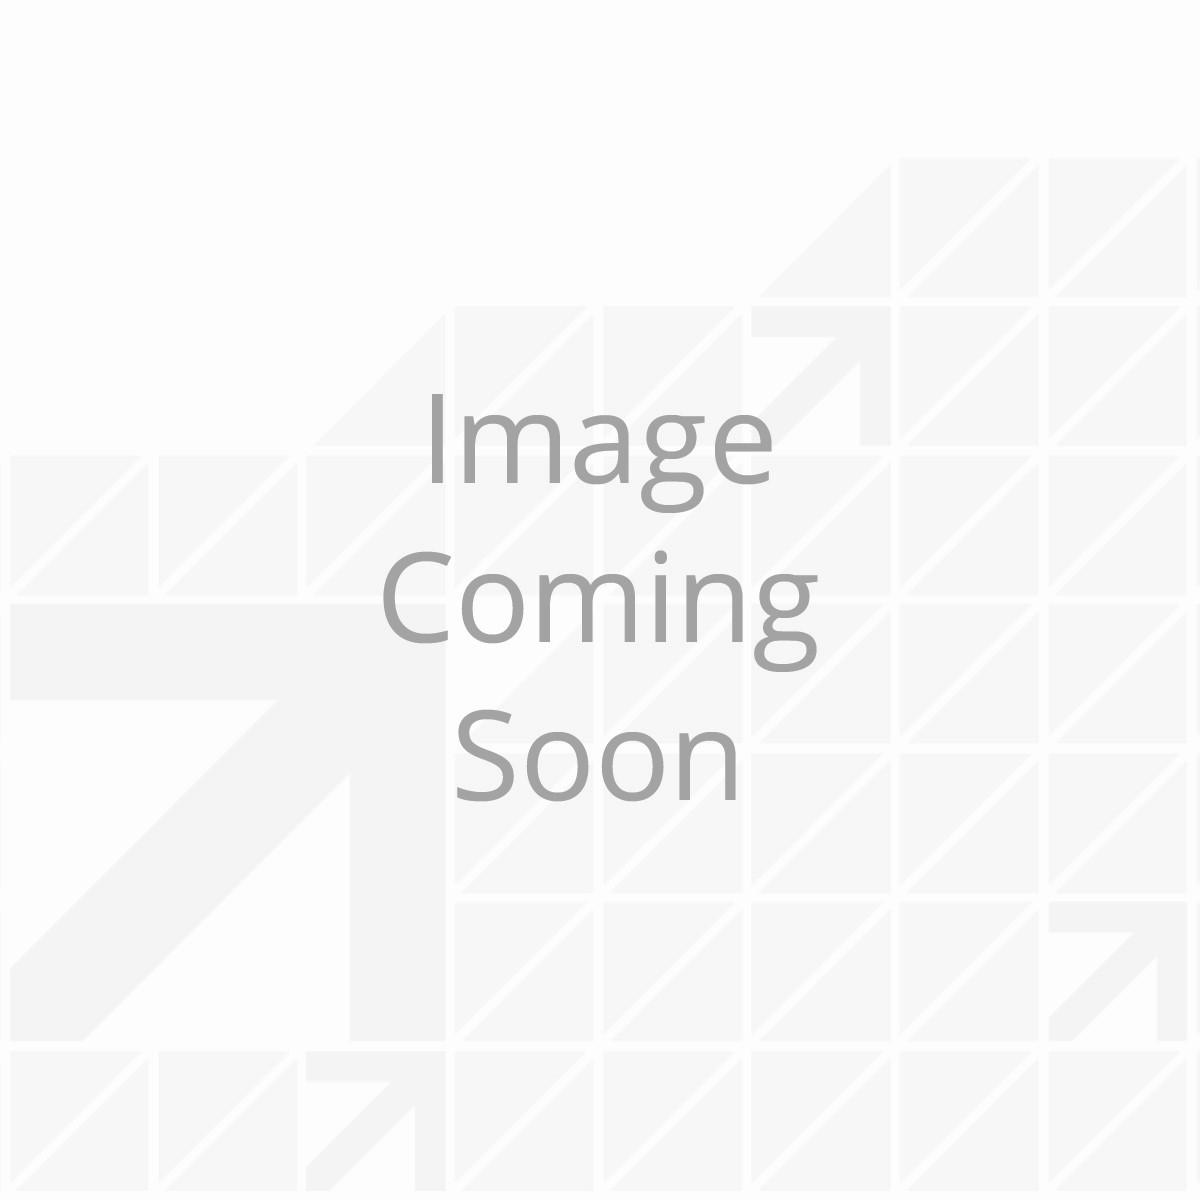 KN95/FFP2 Face Mask (Pack of 20)